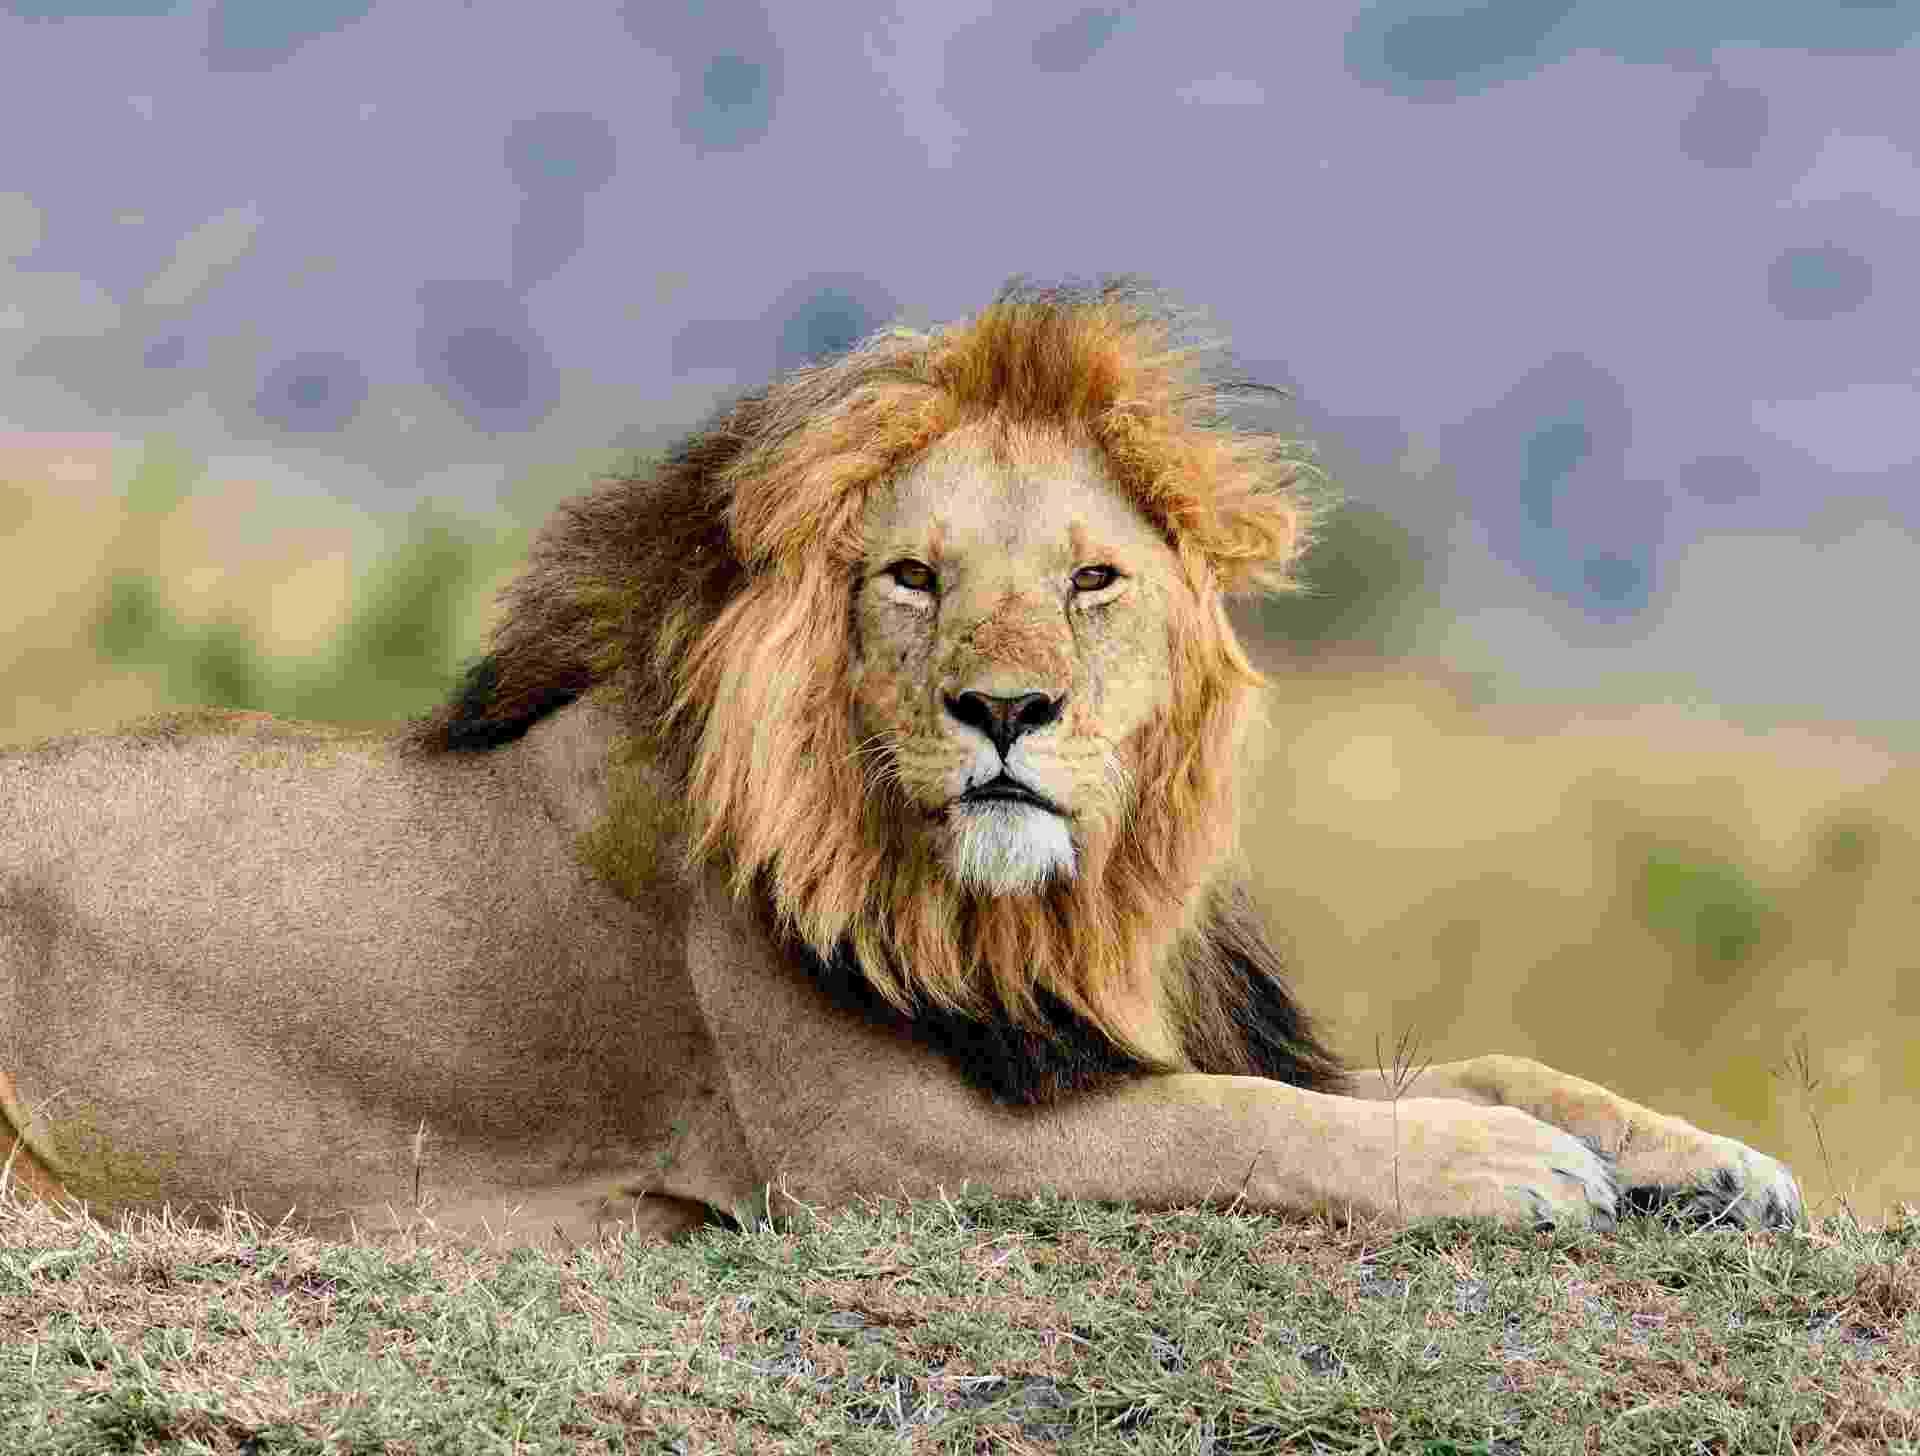 Leão; Imposto de Renda - iStock